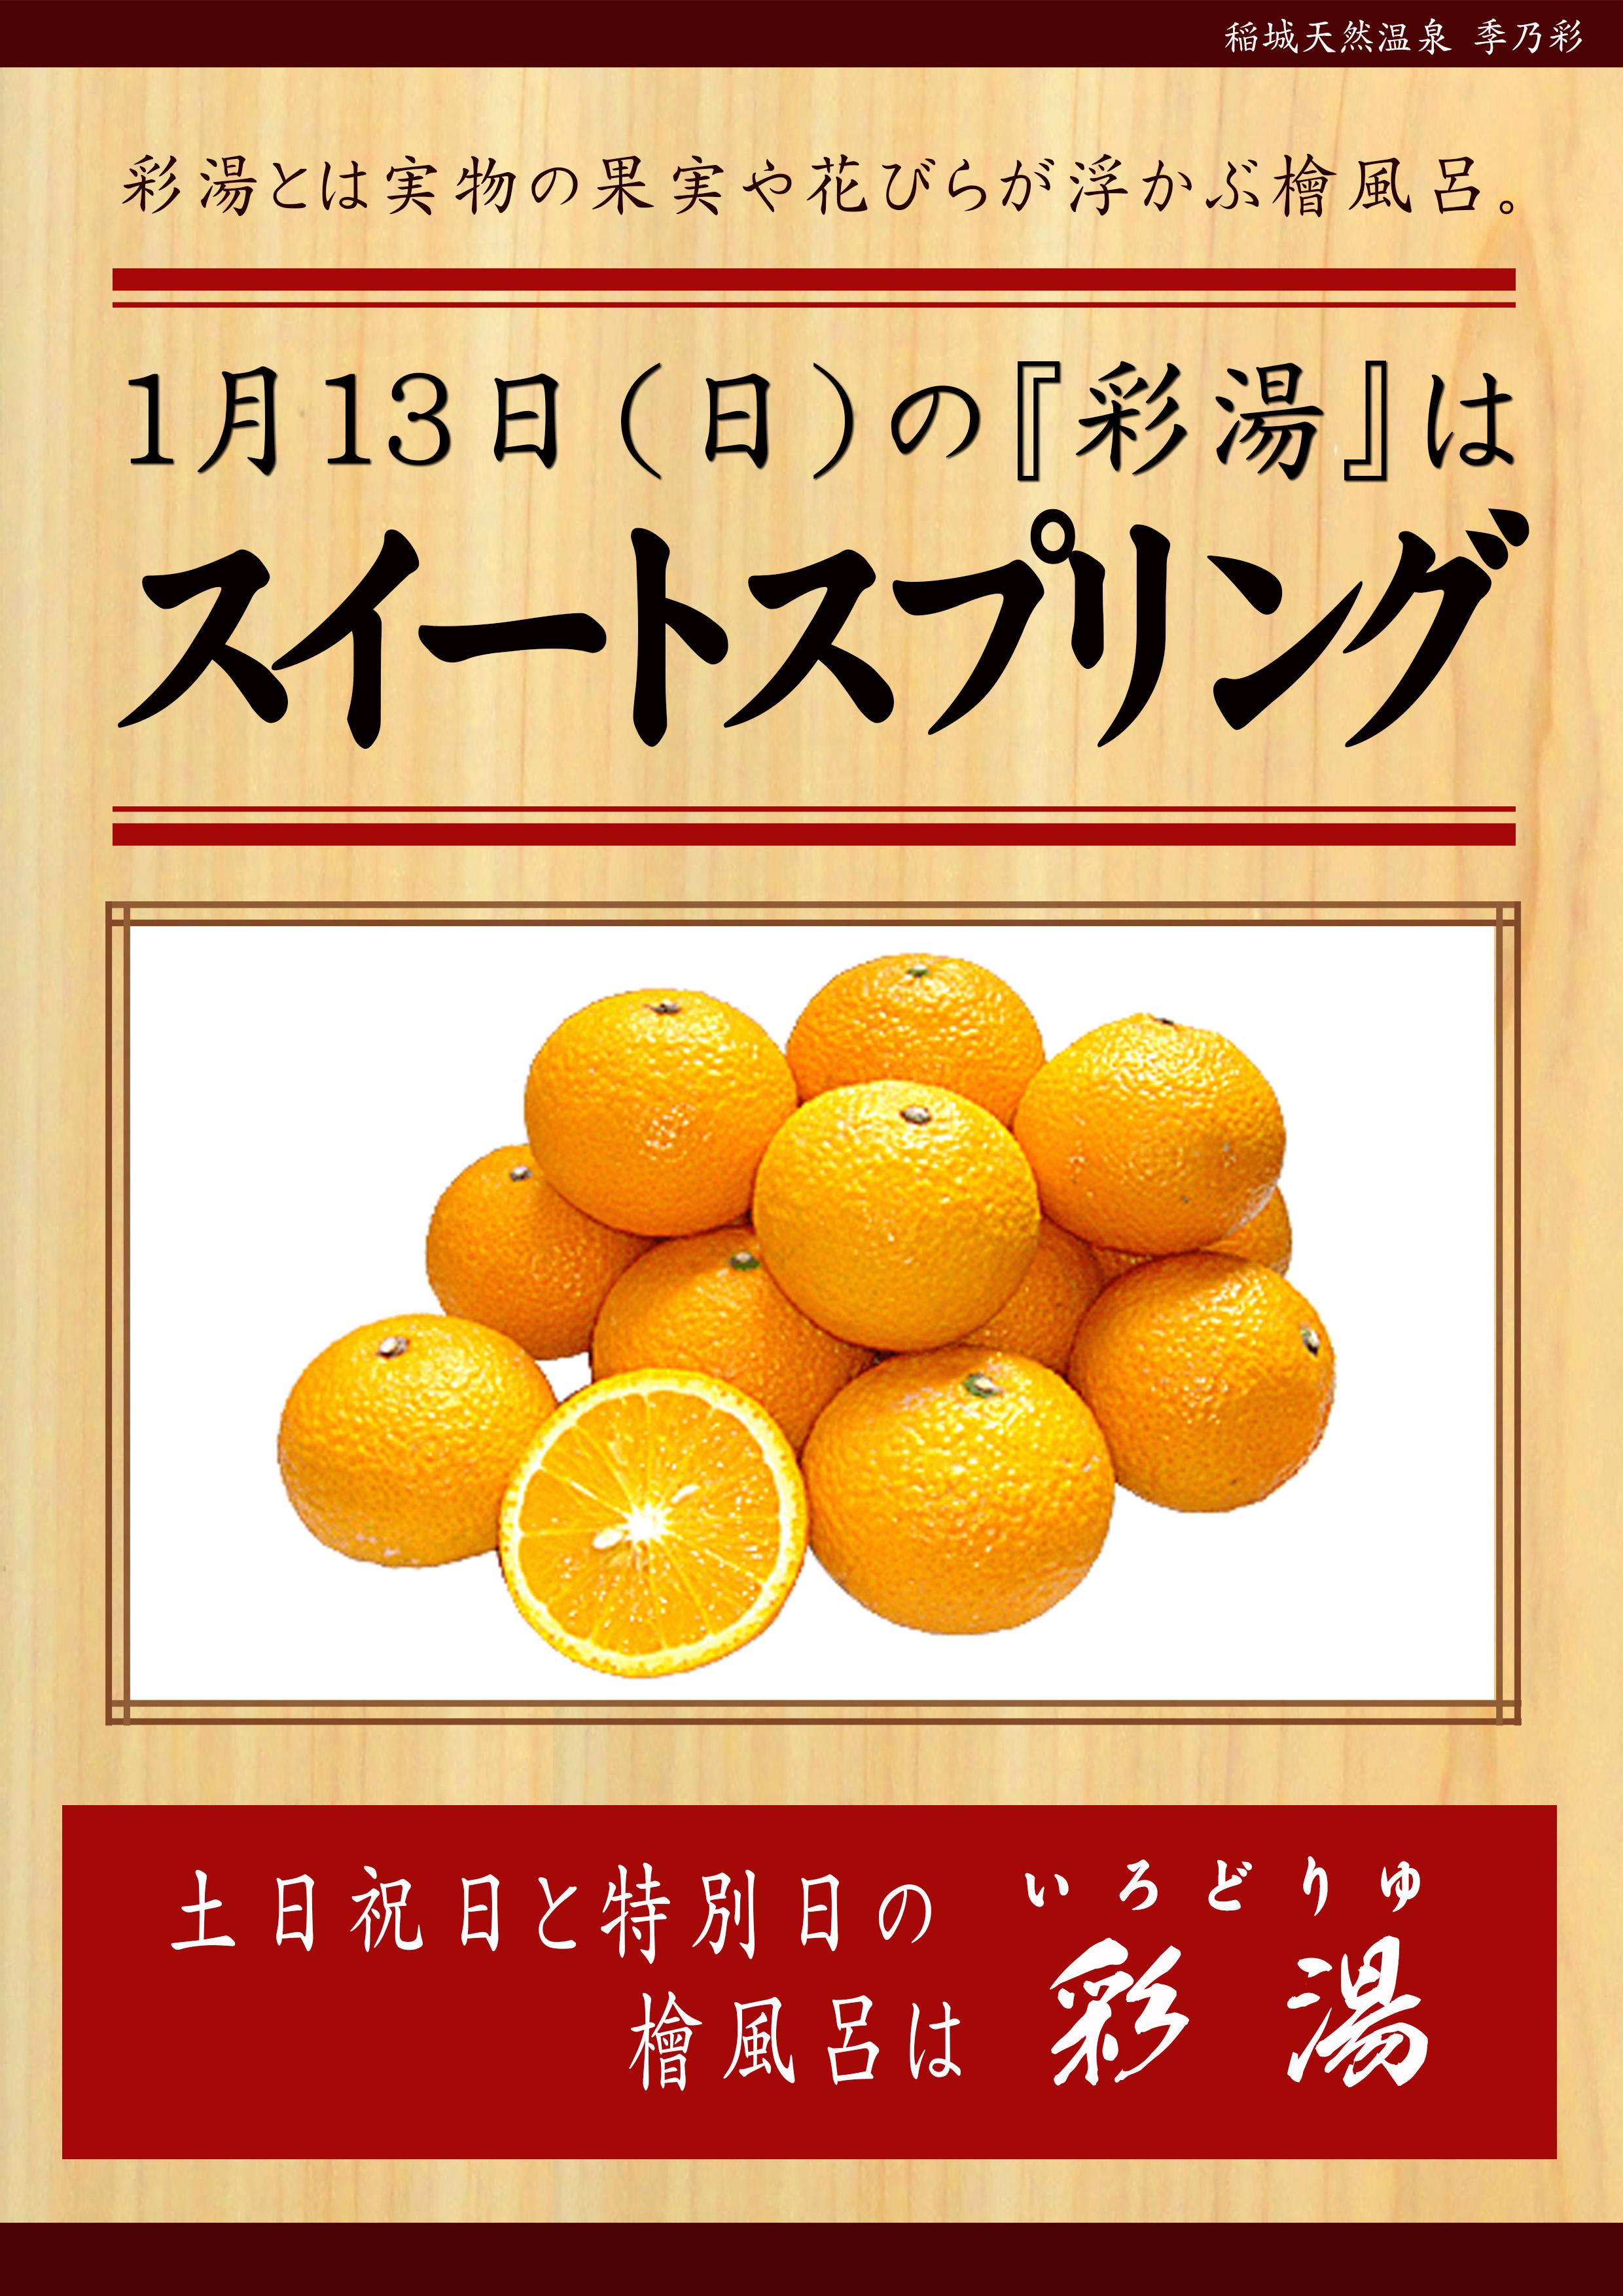 20190113POP イベント 彩湯 スイートスプリング